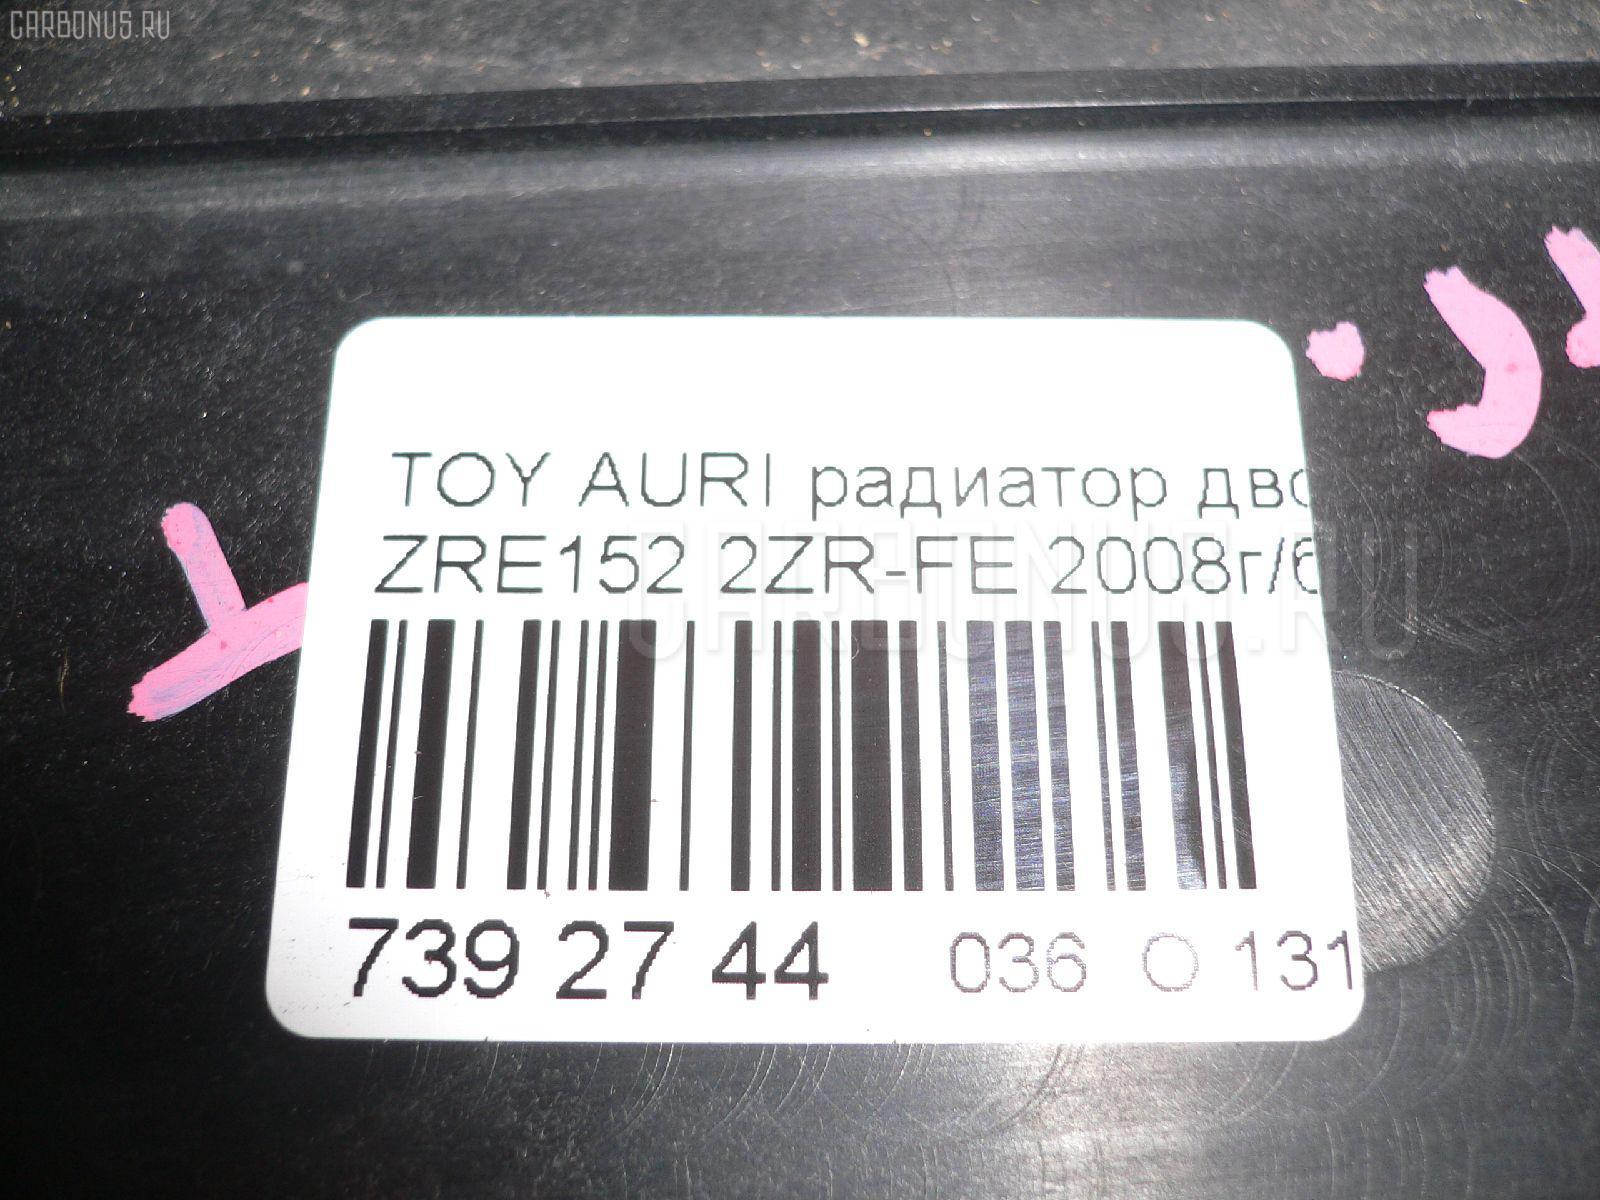 Радиатор ДВС TOYOTA AURIS ZRE152 2ZR-FE Фото 3